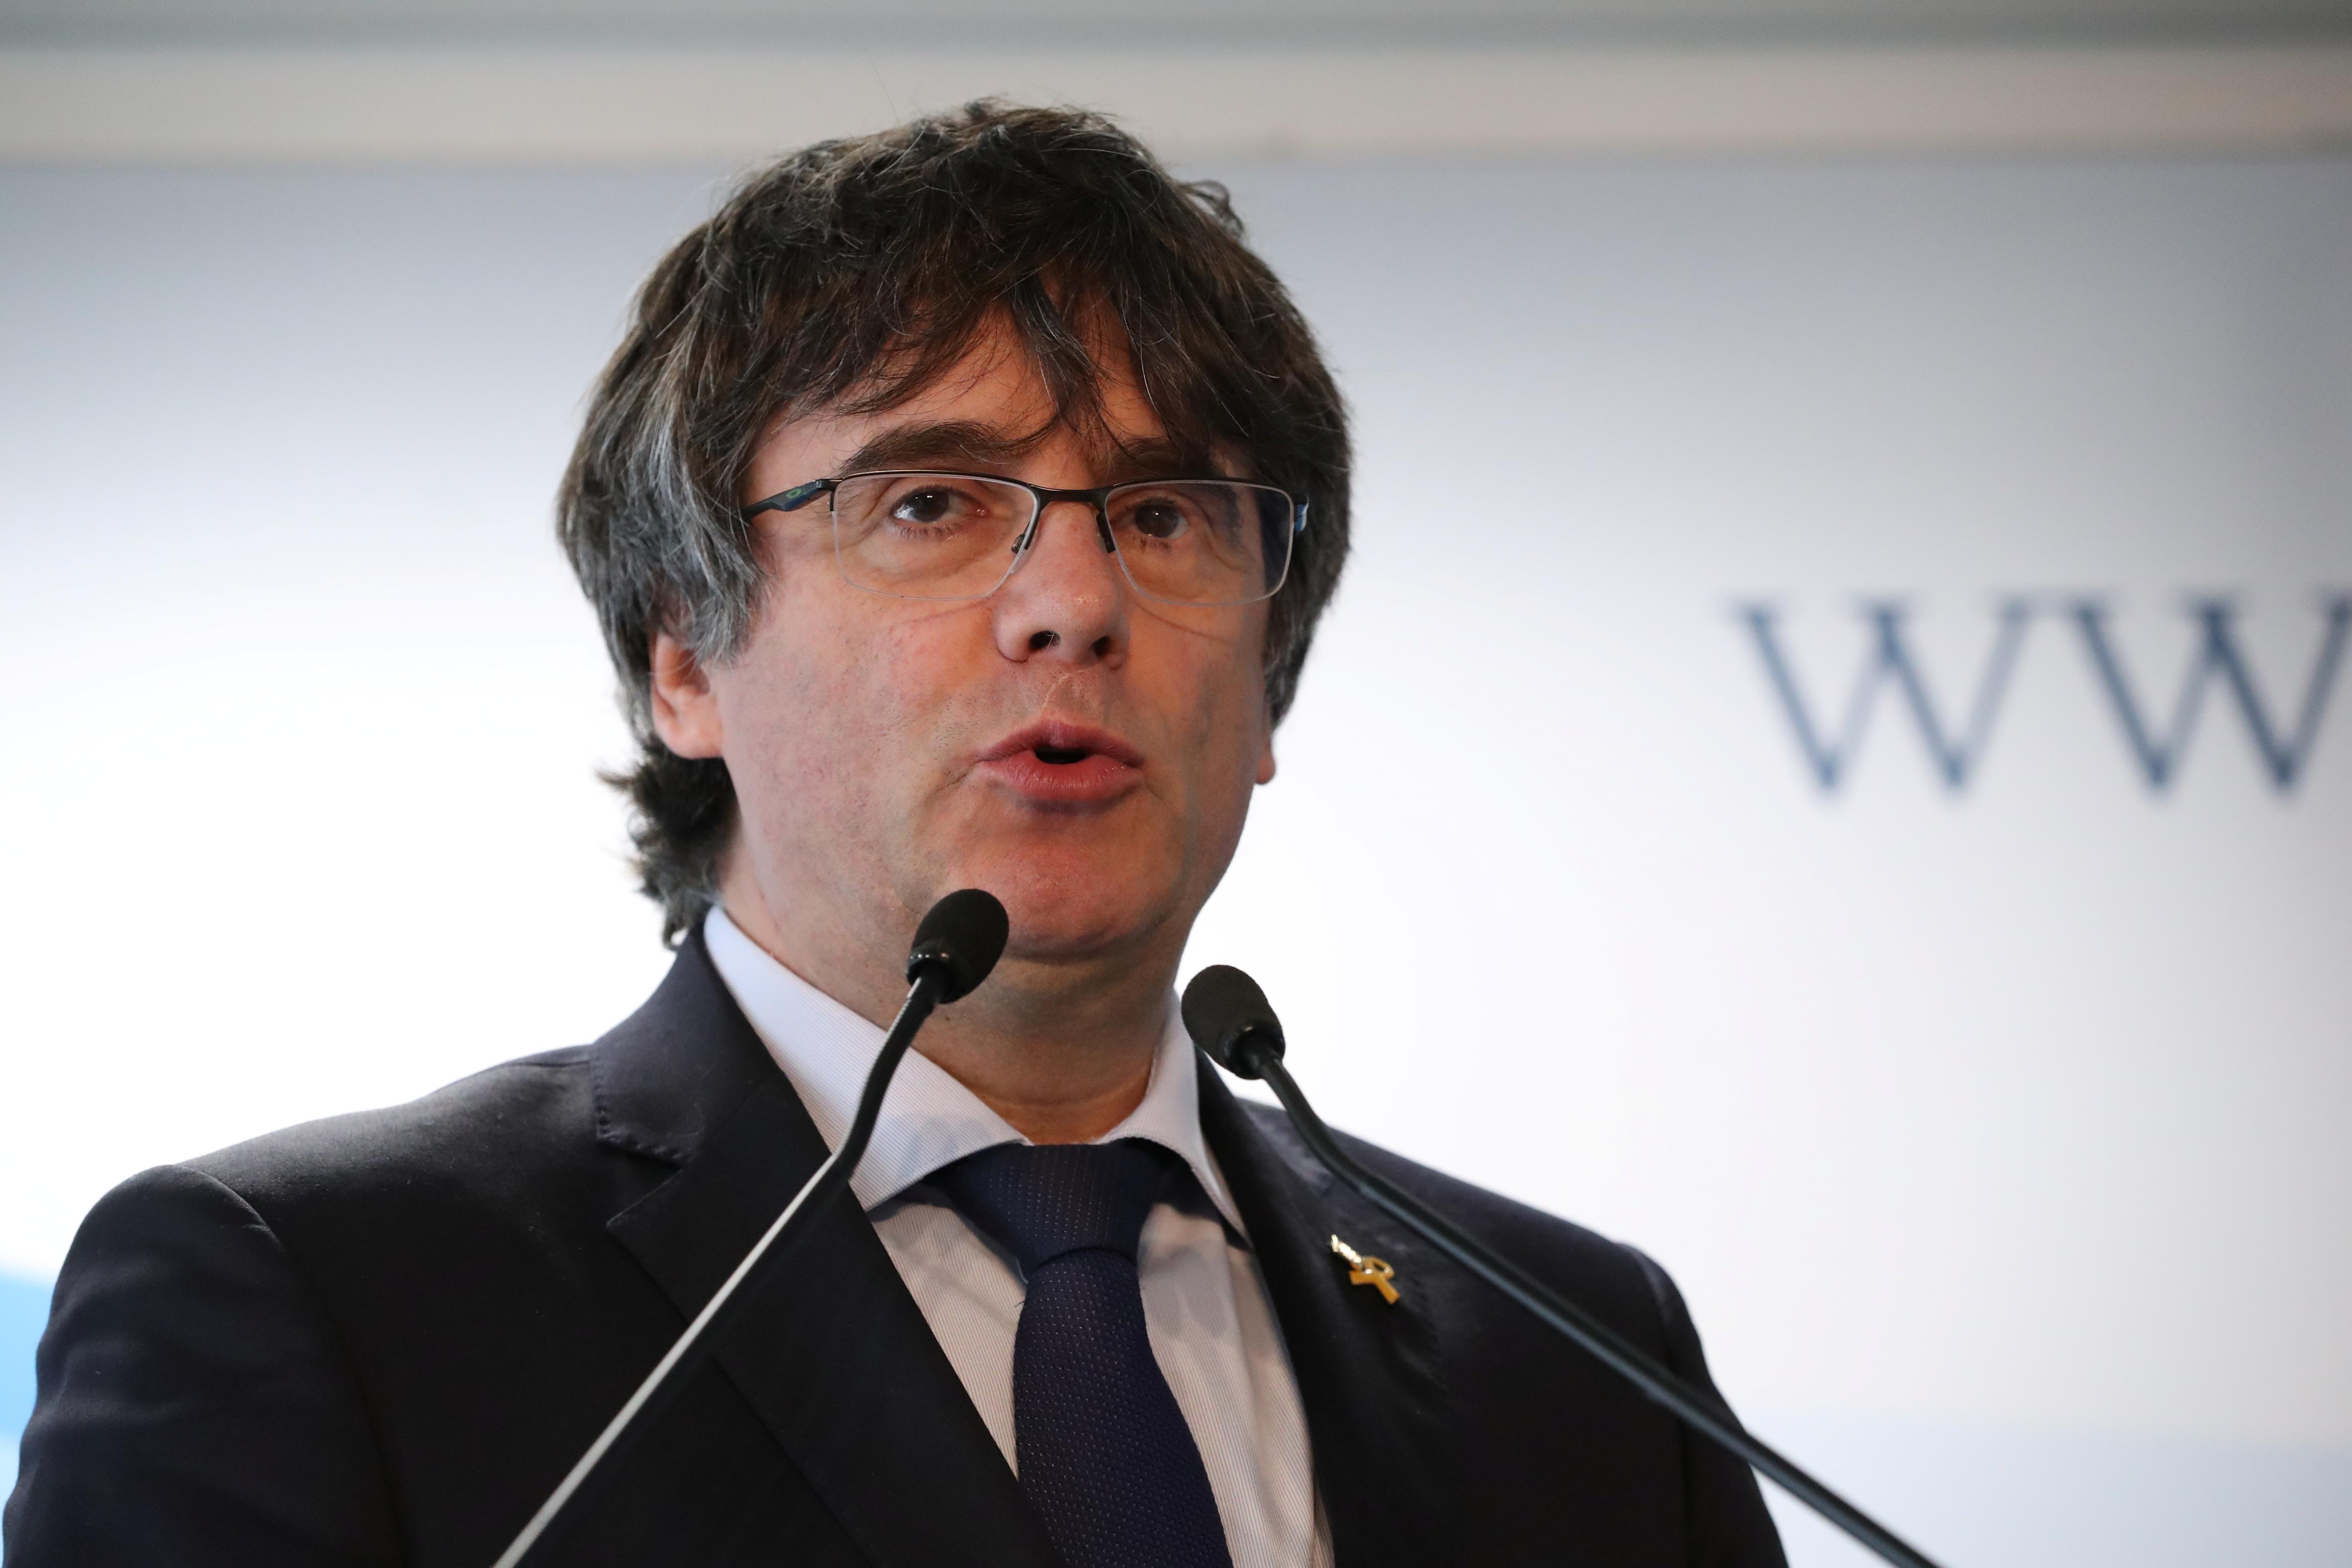 Le Tribunal suprême espagnol a émis lundi un mandat d'arrêt européen à l'encontre du dirigeant indépendantiste catalan Carles Puigdemont (photo). /Photo prise le 10 avril 2019/REUTERS/Yves Herman